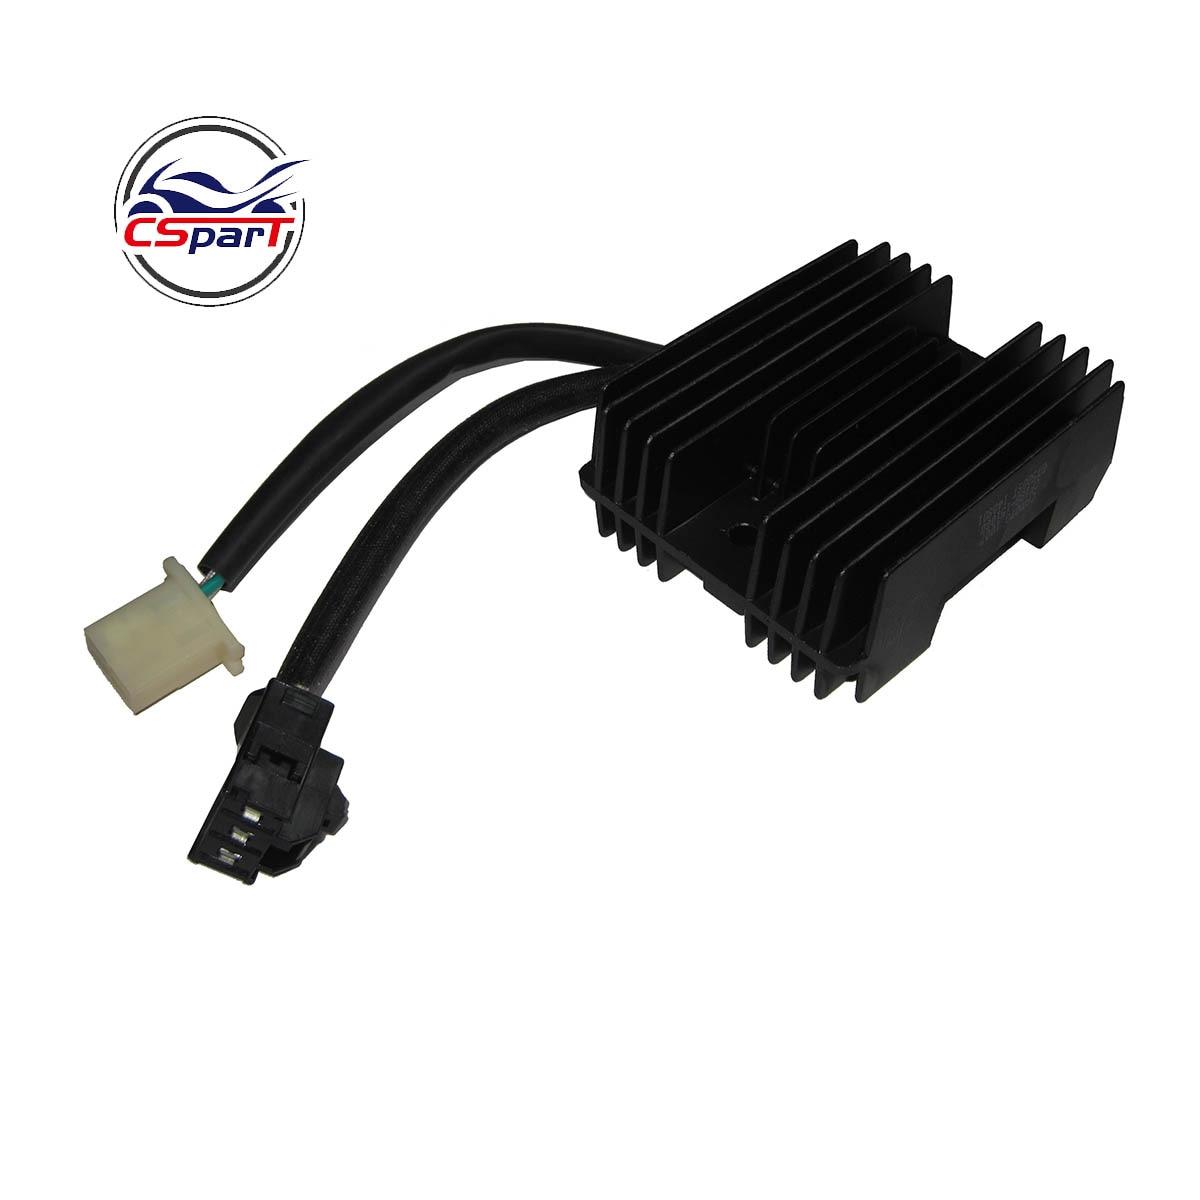 CF188 Voltage Regulator Rectifier For CF MOTO 500 CF500 500CC UTV ATV GO KART 12V  0180-151000